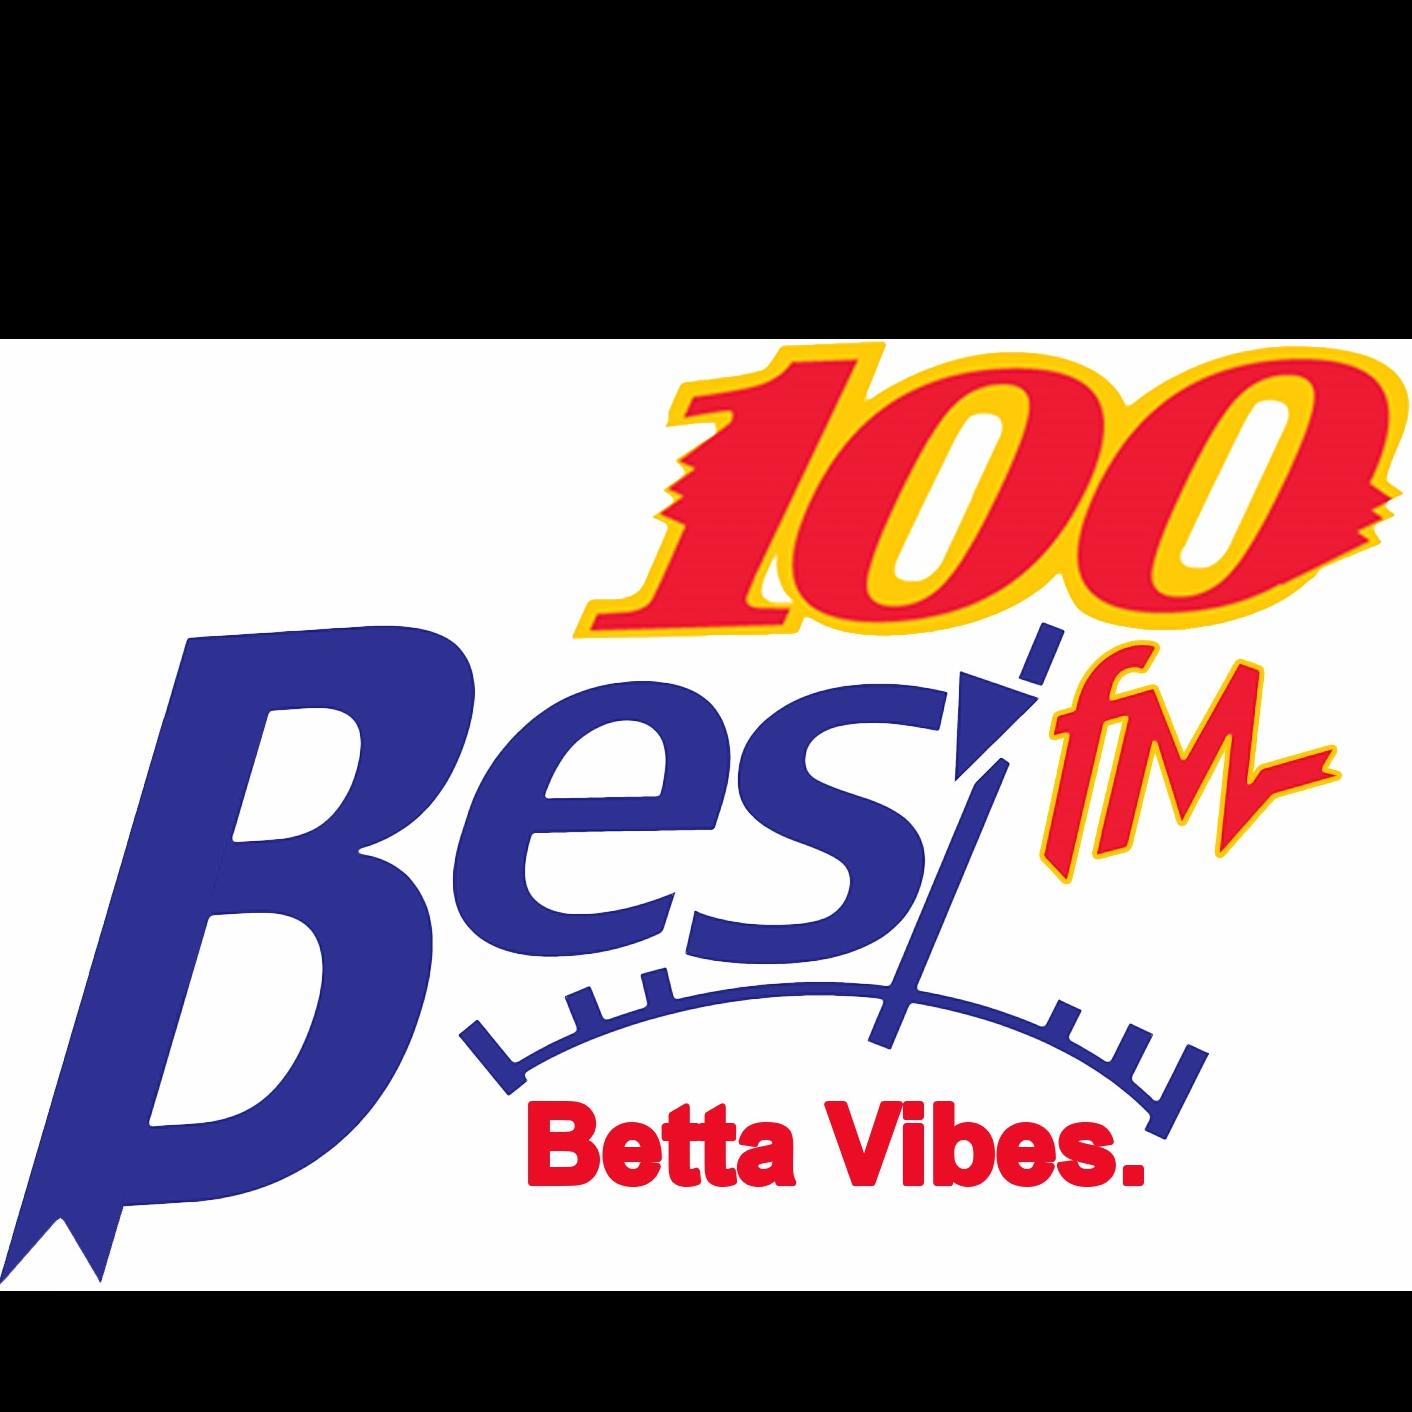 Bes 100 FM